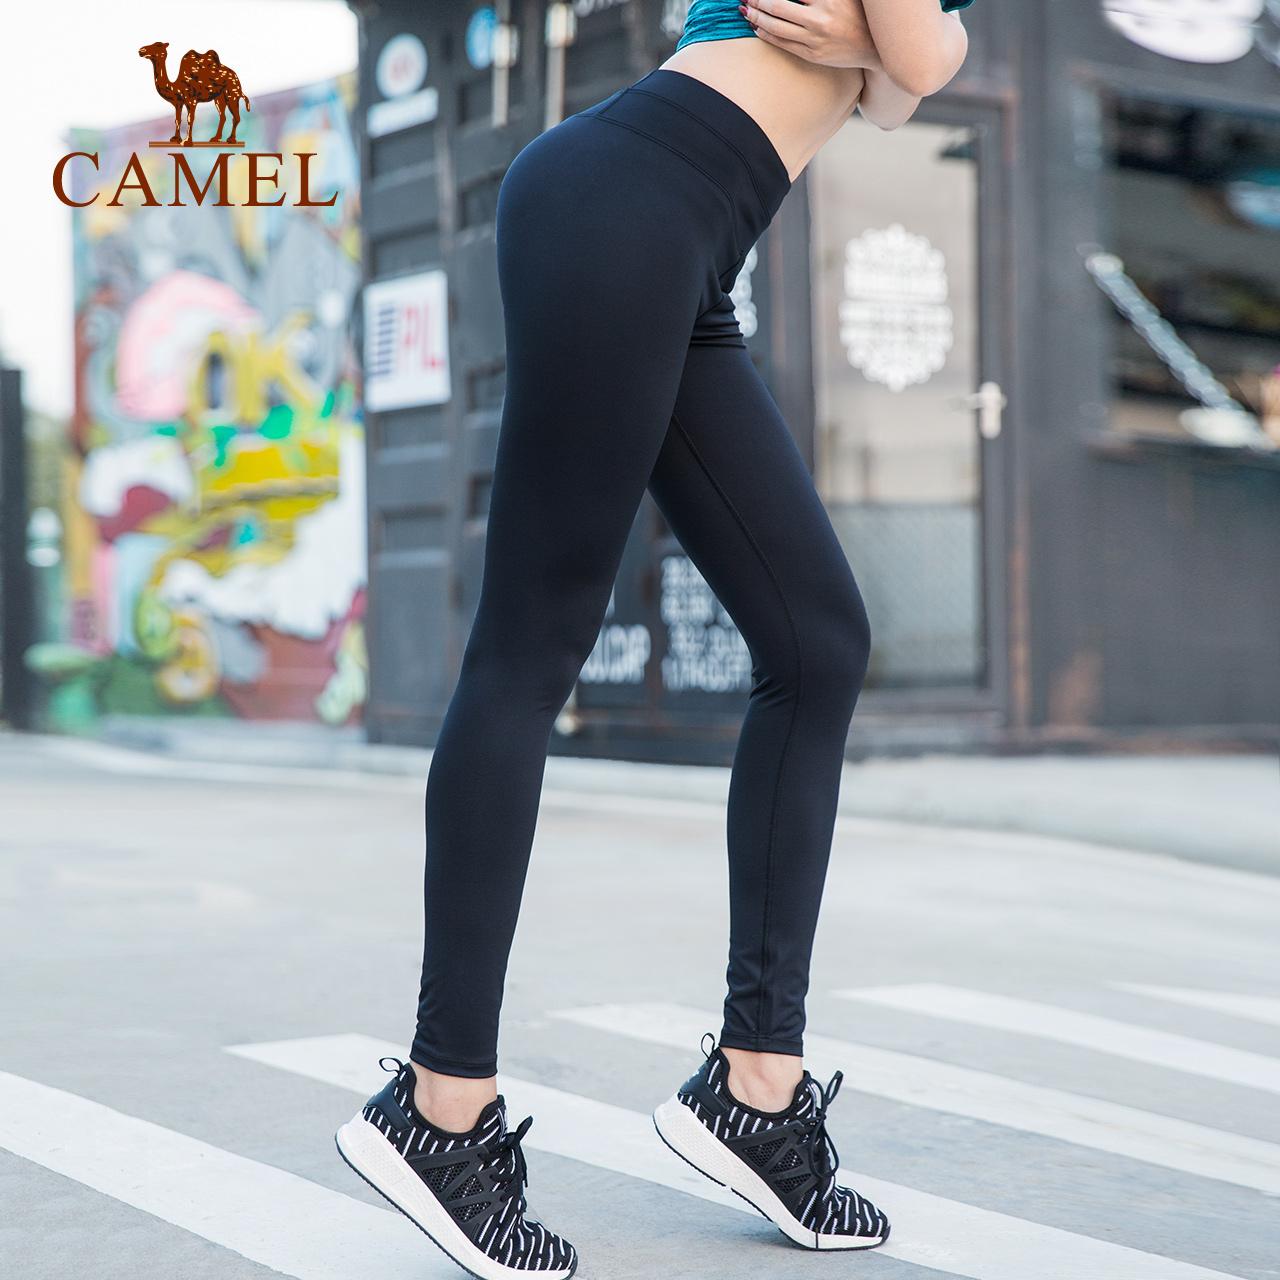 骆驼高腰紧身裤瑜伽裤女蜜臀裤弹力提臀长裤跑步健身裤速干运动裤